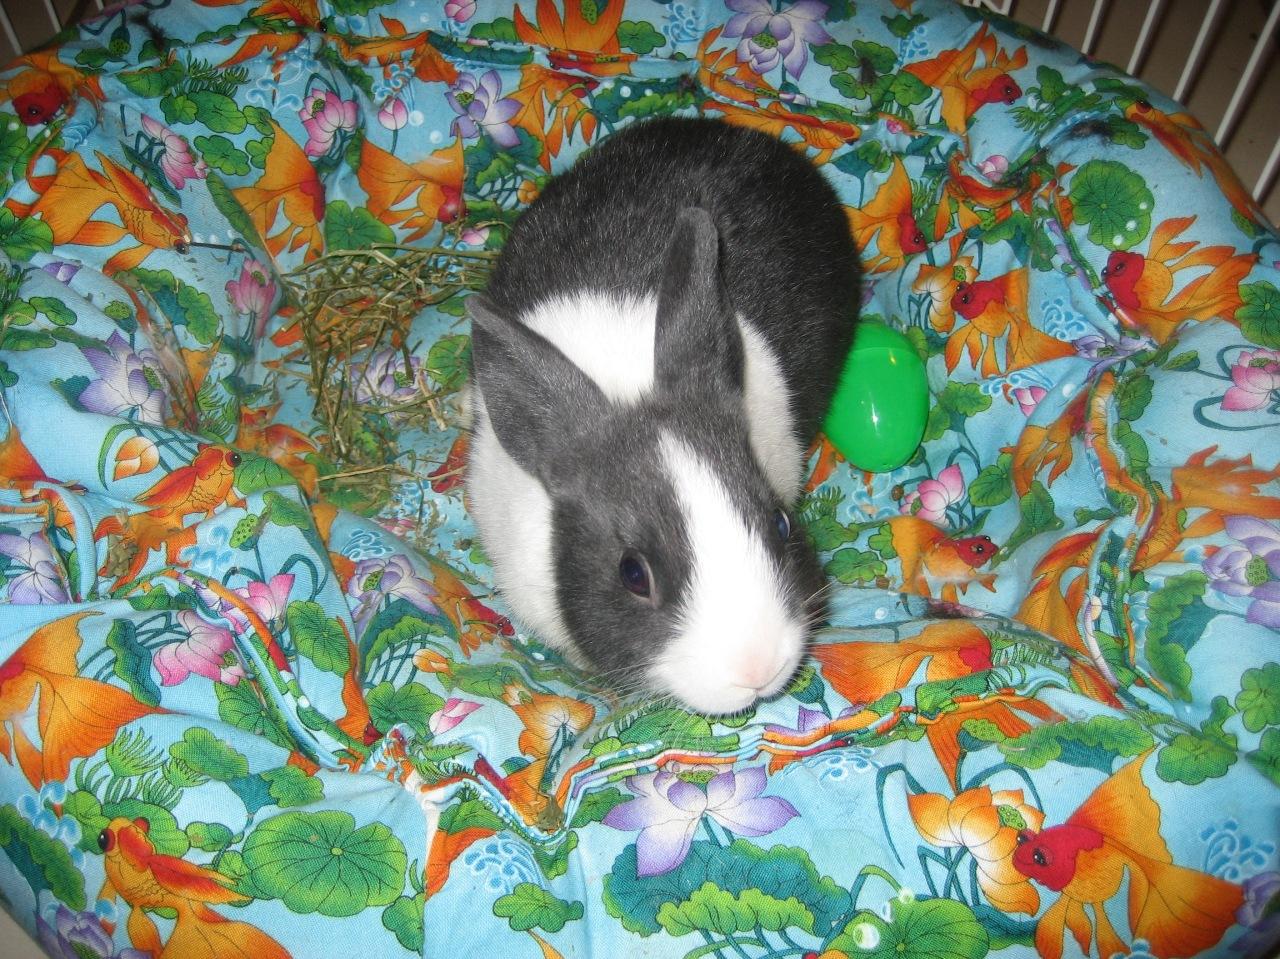 My bunny, Gizmo